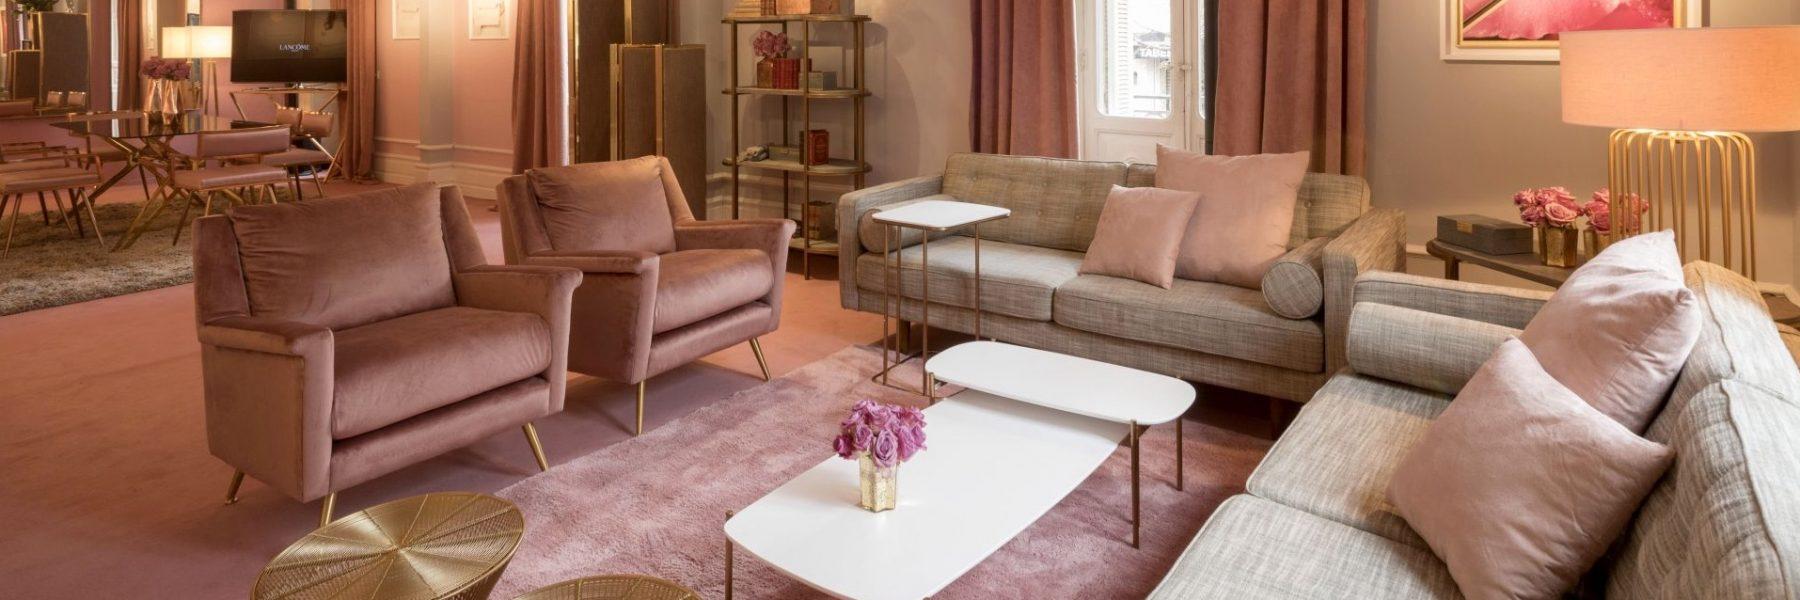 Tenemos las primeras imágenes de la Maison Lancôme 2018 ¡No puede ser más ESPECTACULAR!